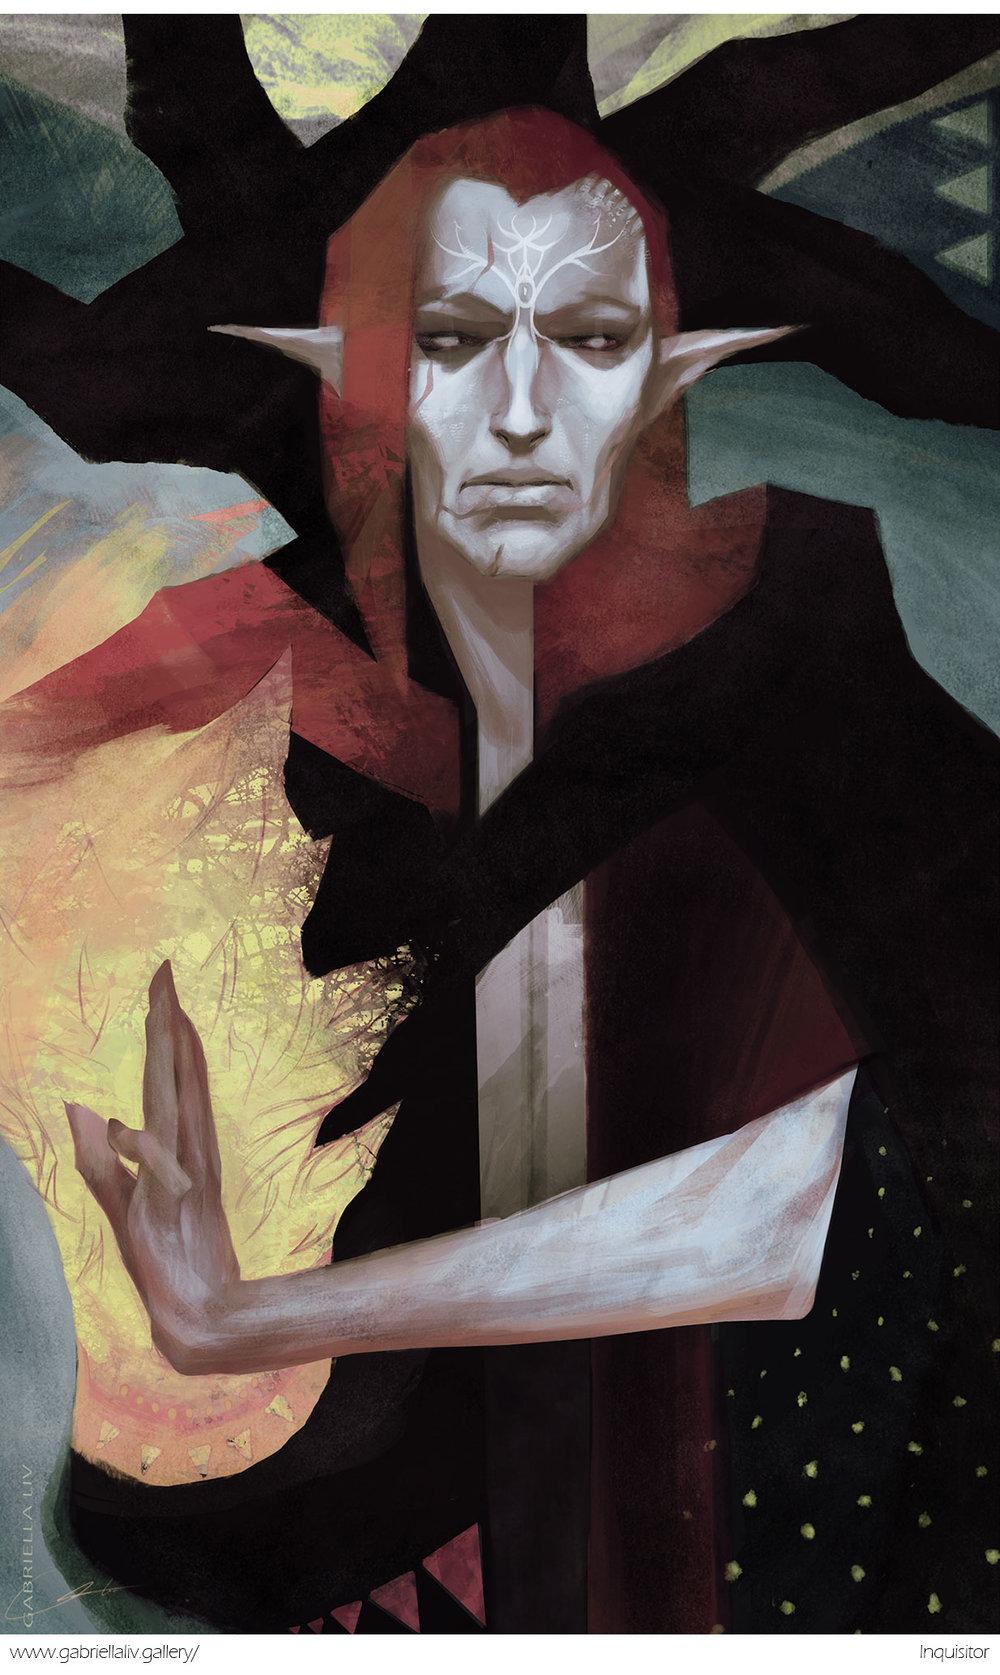 GabriellaLivE-Inquisitor-Portfolio.jpg